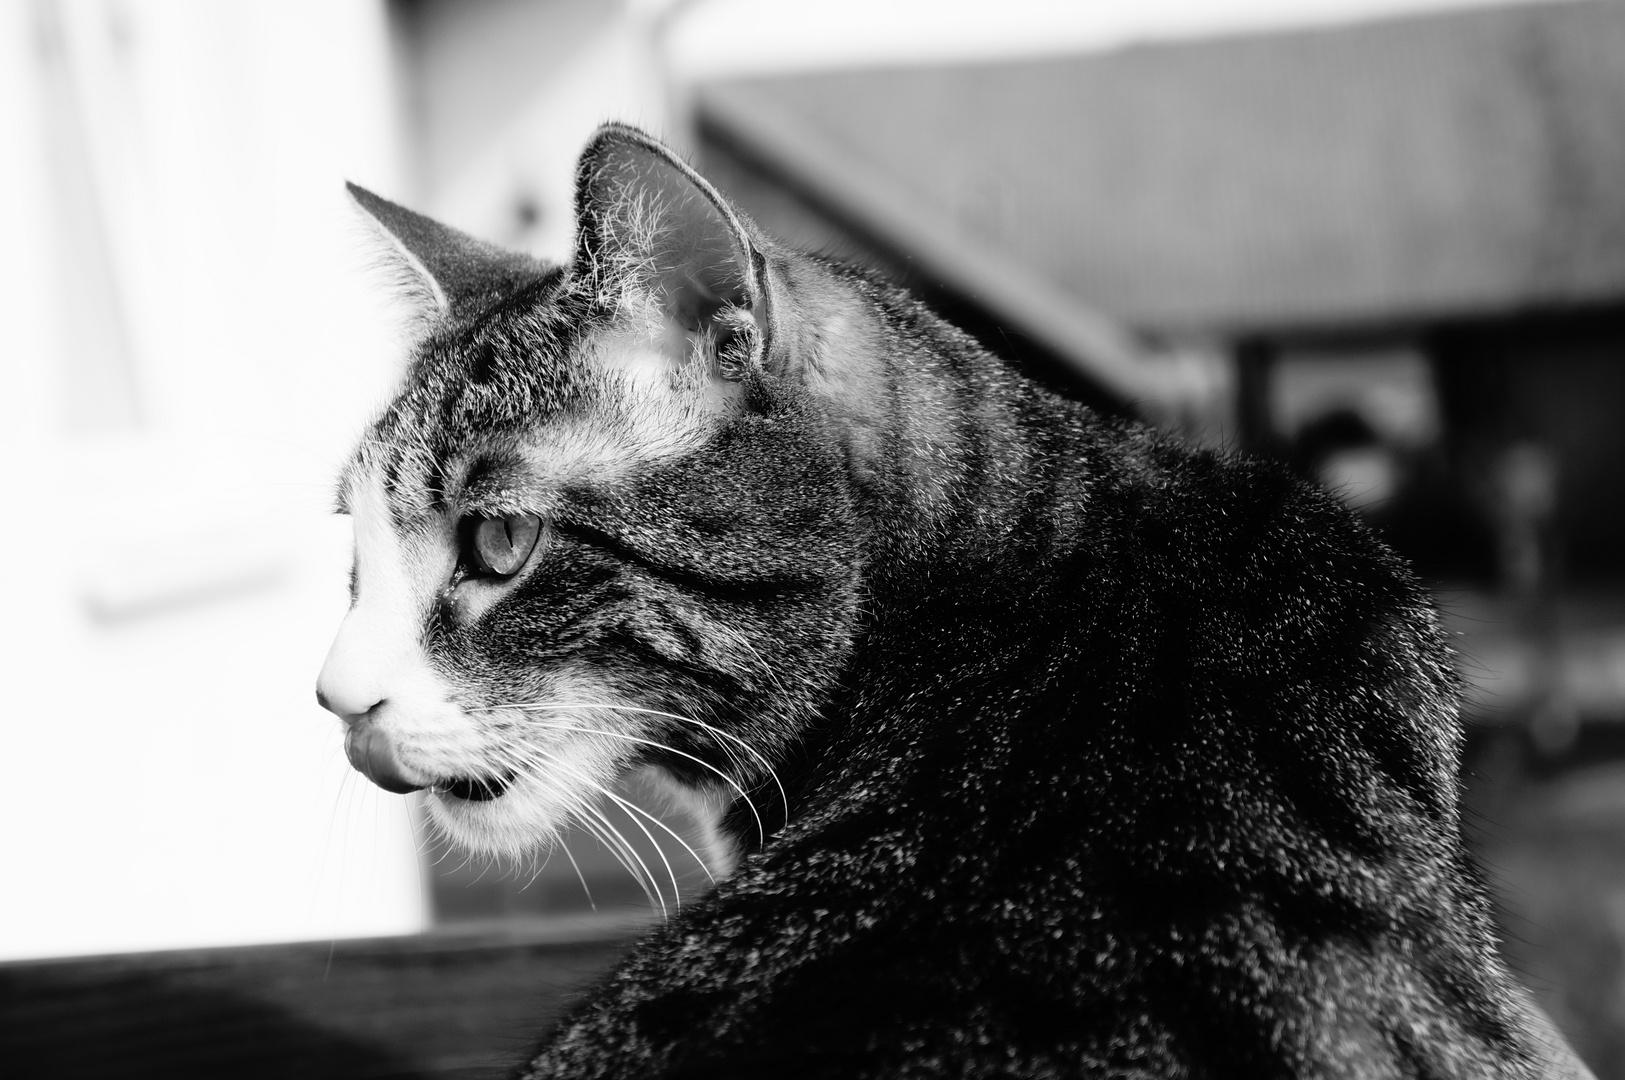 Die andere Katze